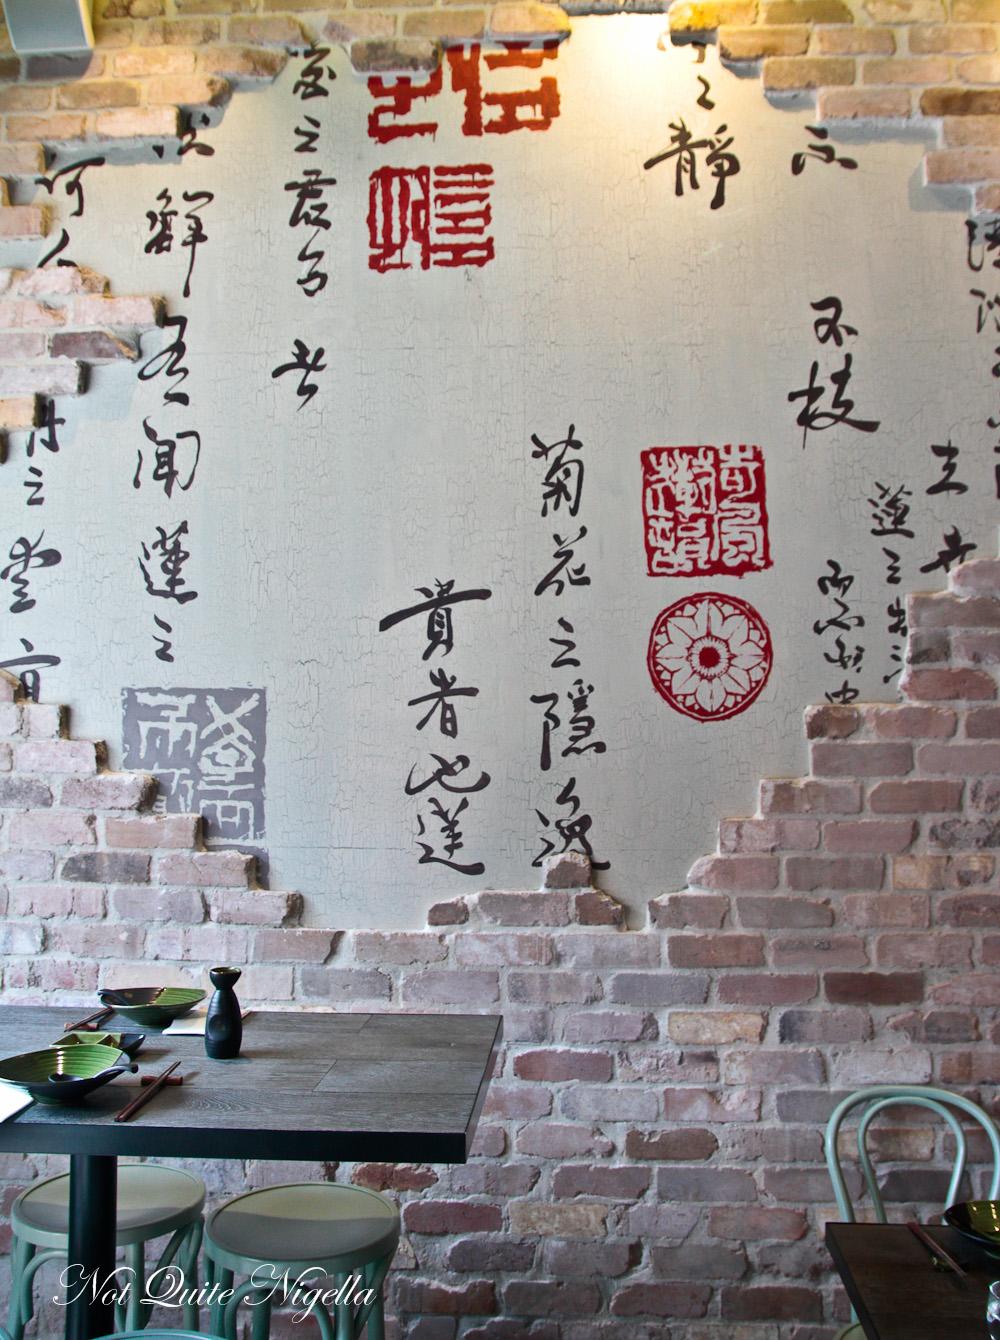 Lotus dumpling bar